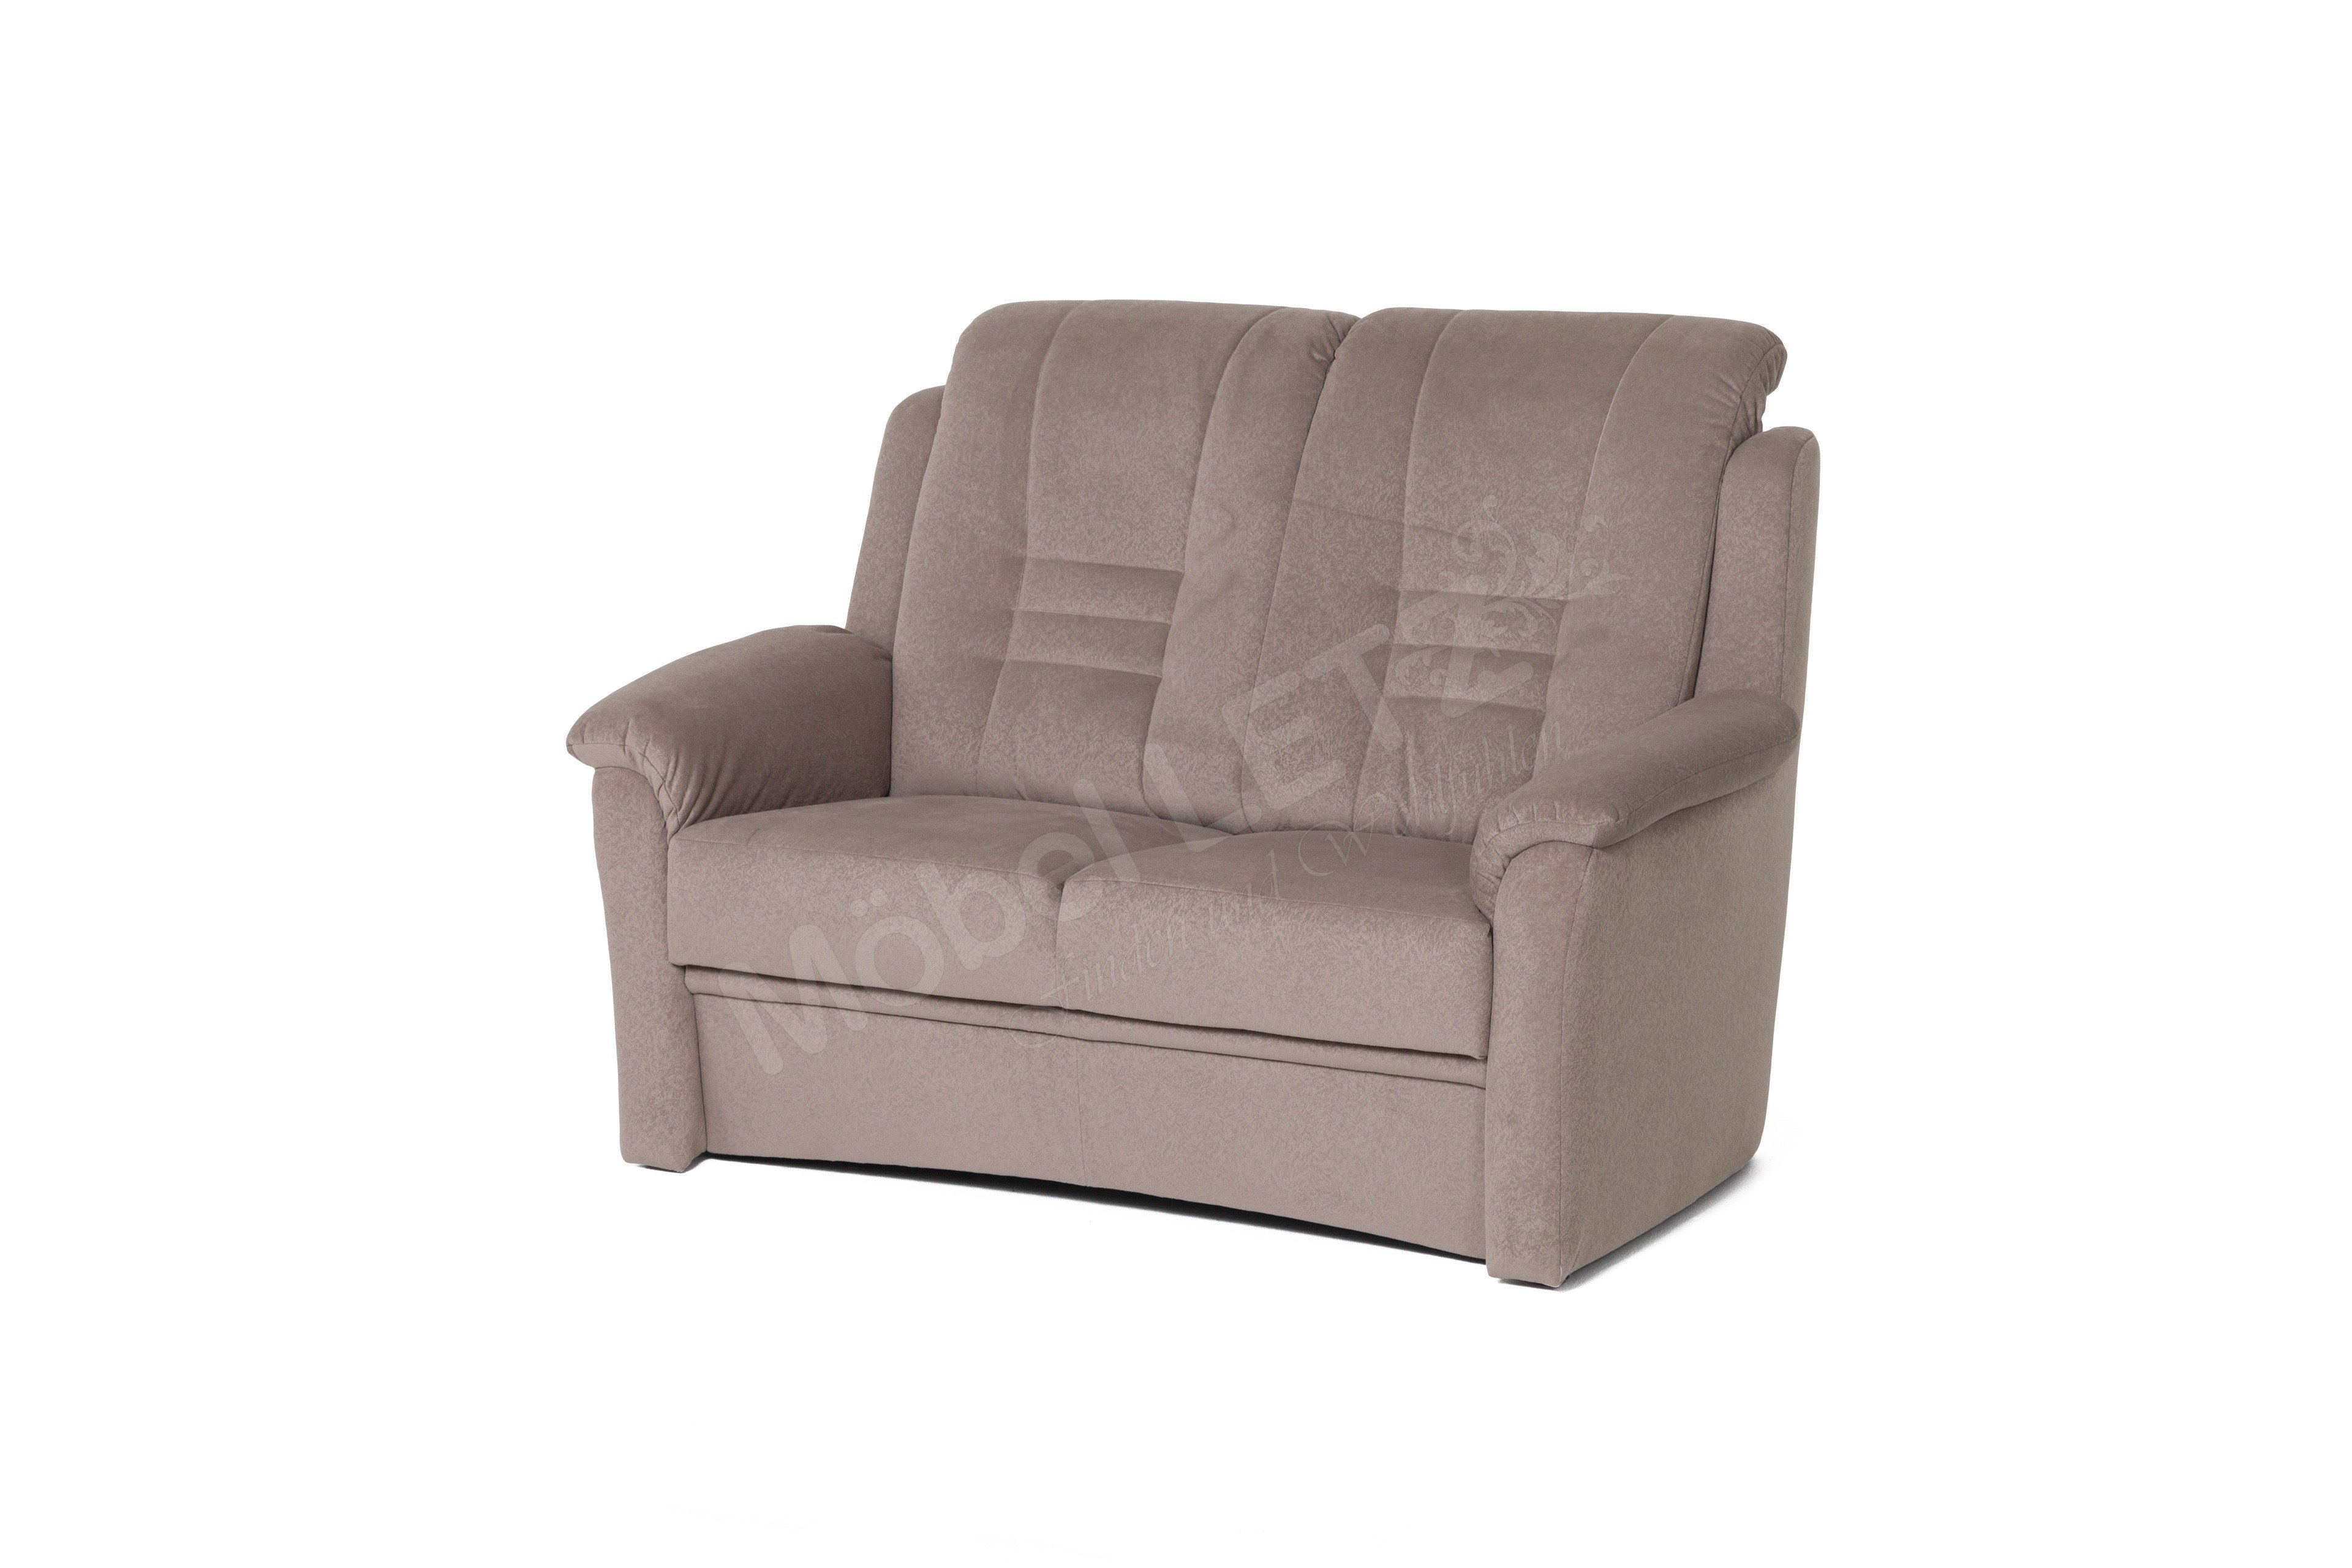 dietsch berlin sofa garnitur in nougat m bel letz ihr. Black Bedroom Furniture Sets. Home Design Ideas